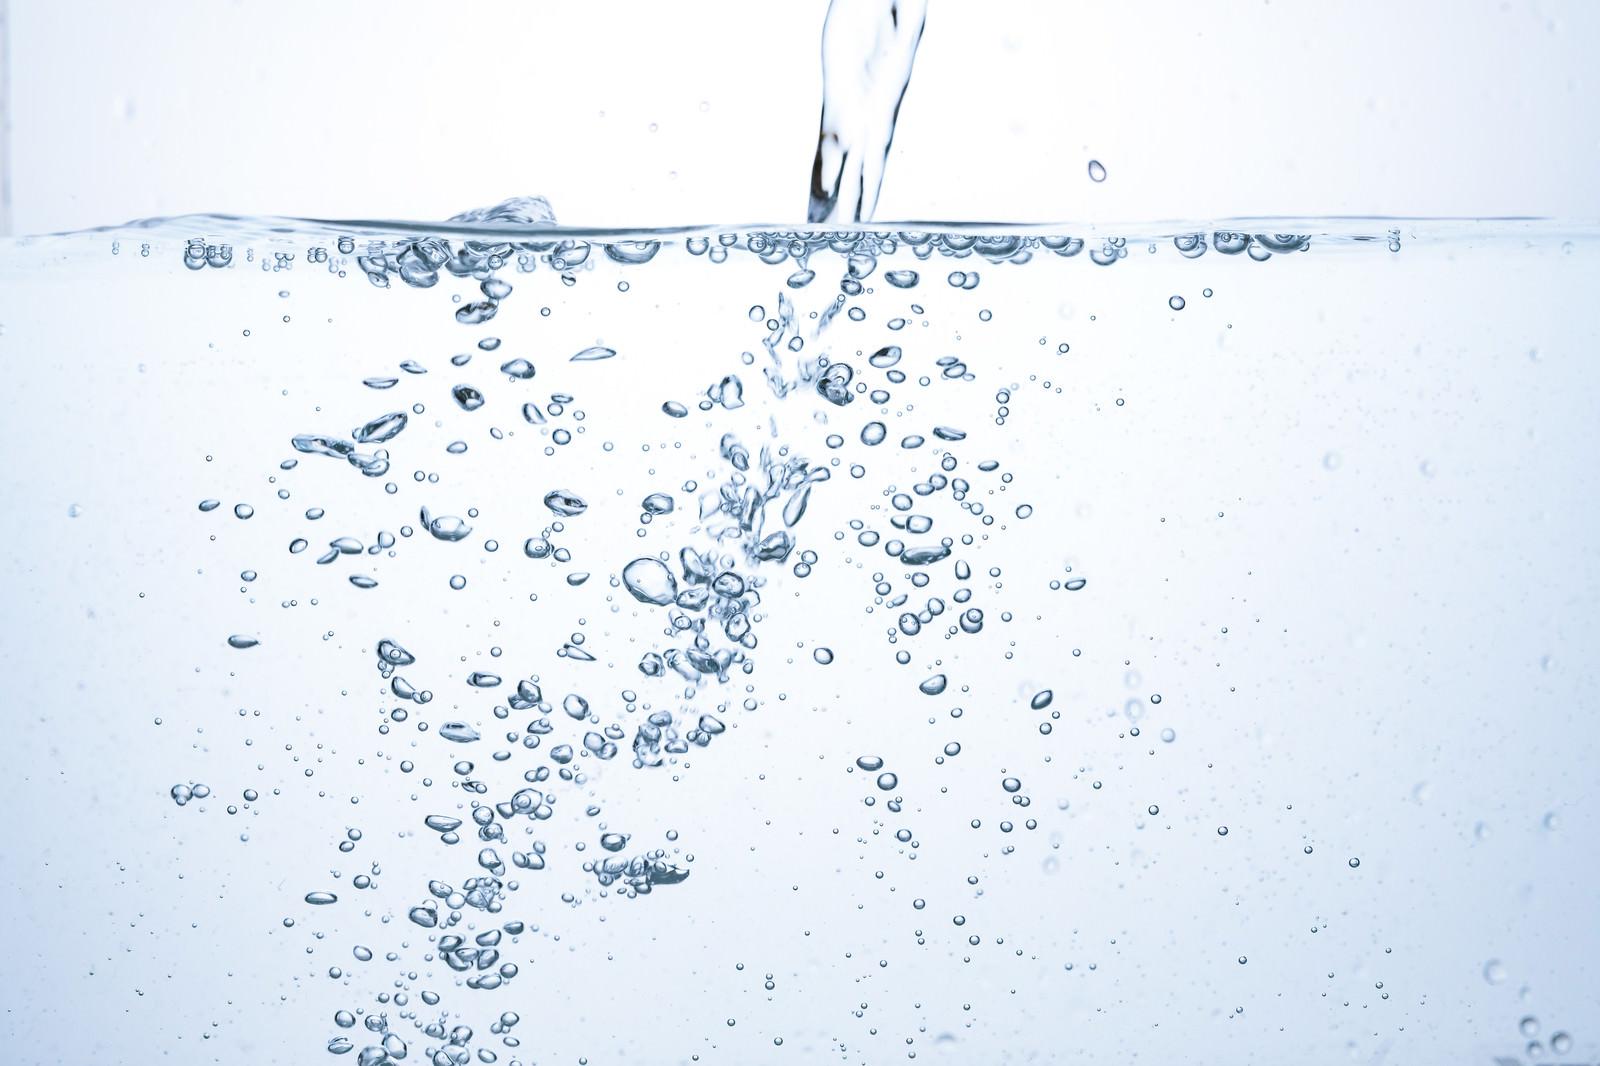 「水を注いだ瞬間の気泡」の写真